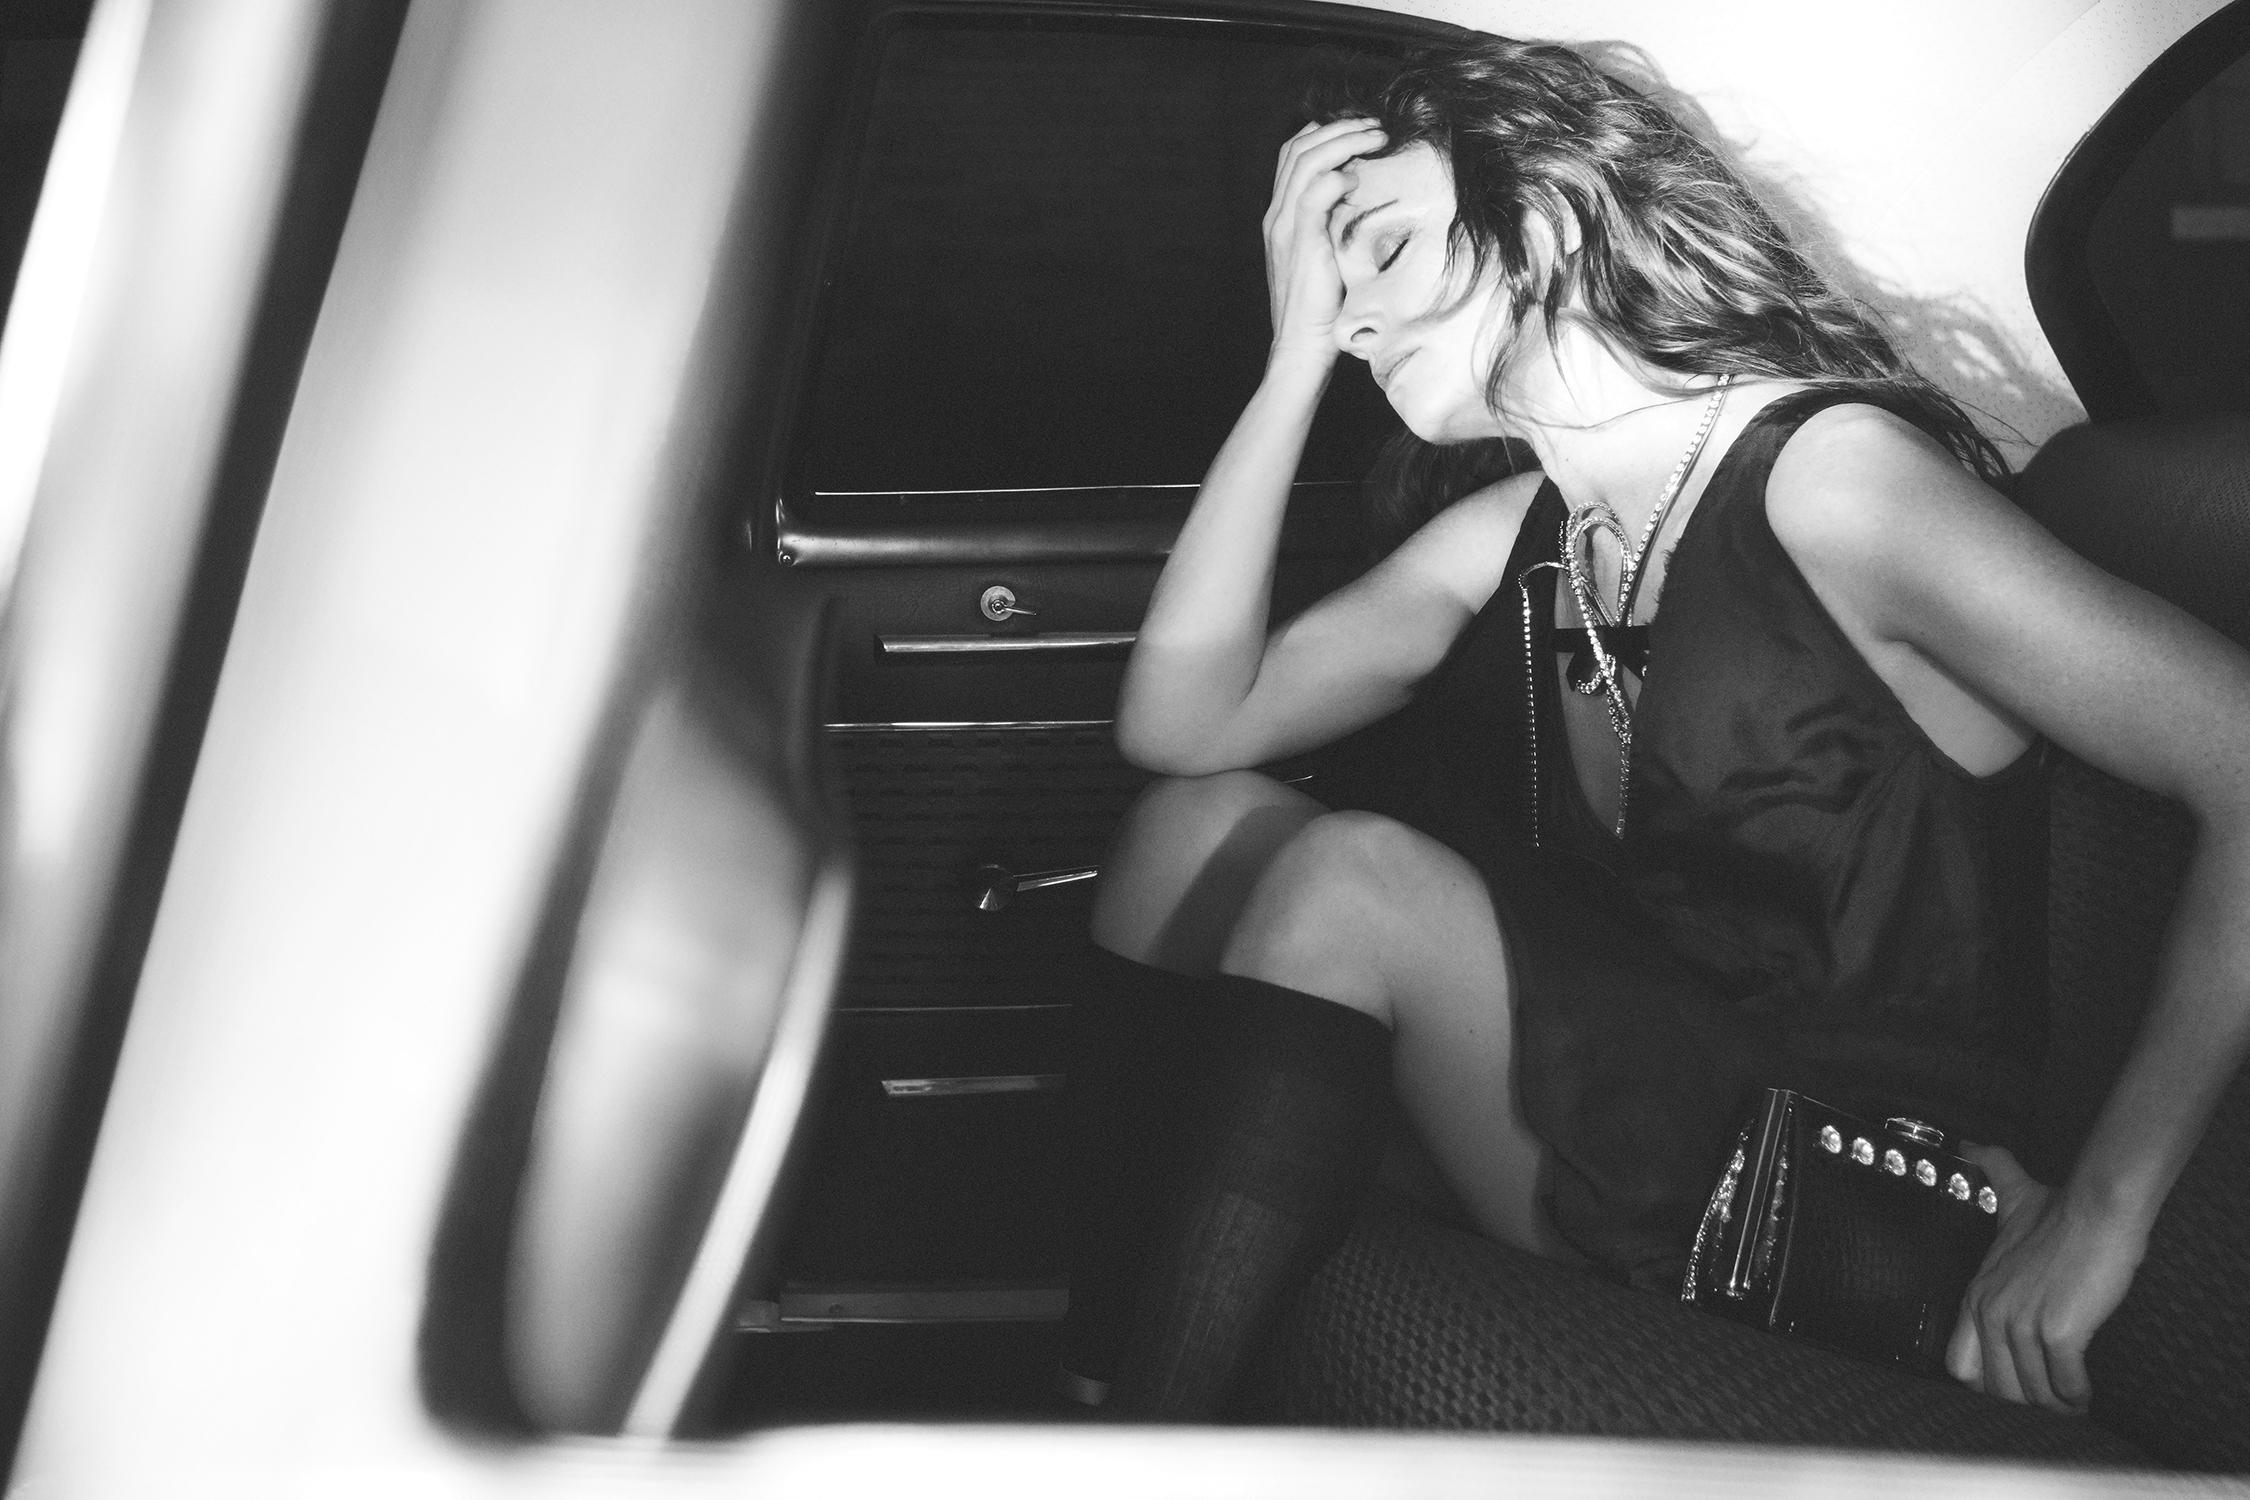 MIU MIU SS 19_Juliette Lewis_MB5.jpg